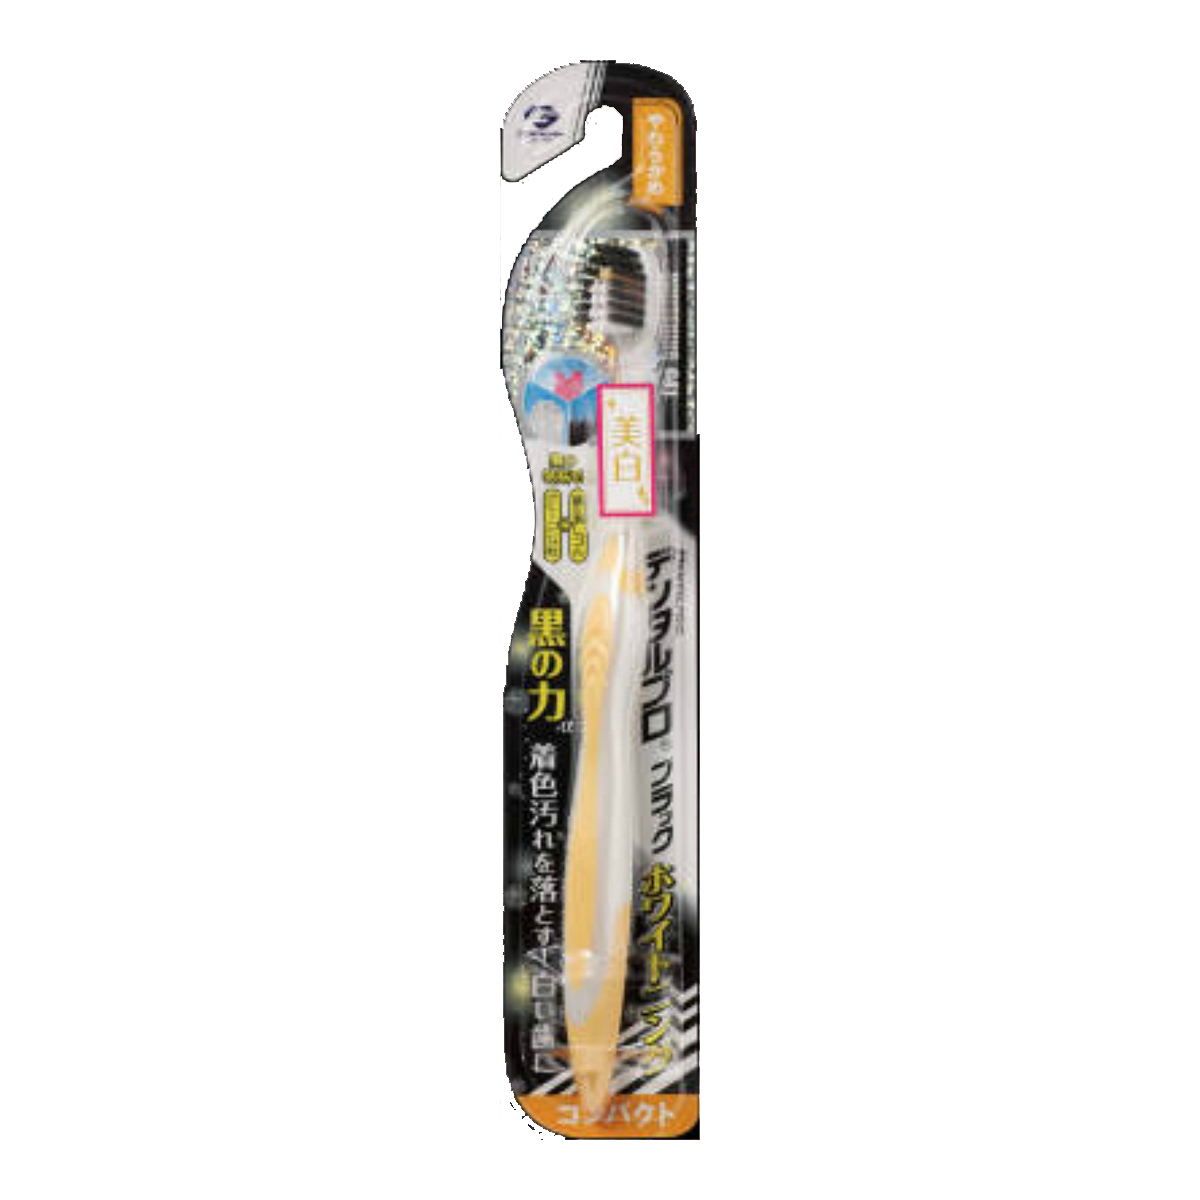 【送料無料】デンタルプロ ブラック ホワイトニング やわらかめ ( 歯ブラシ ) ×120点セット まとめ買い特価!ケース販売 ( 4973227212562 )